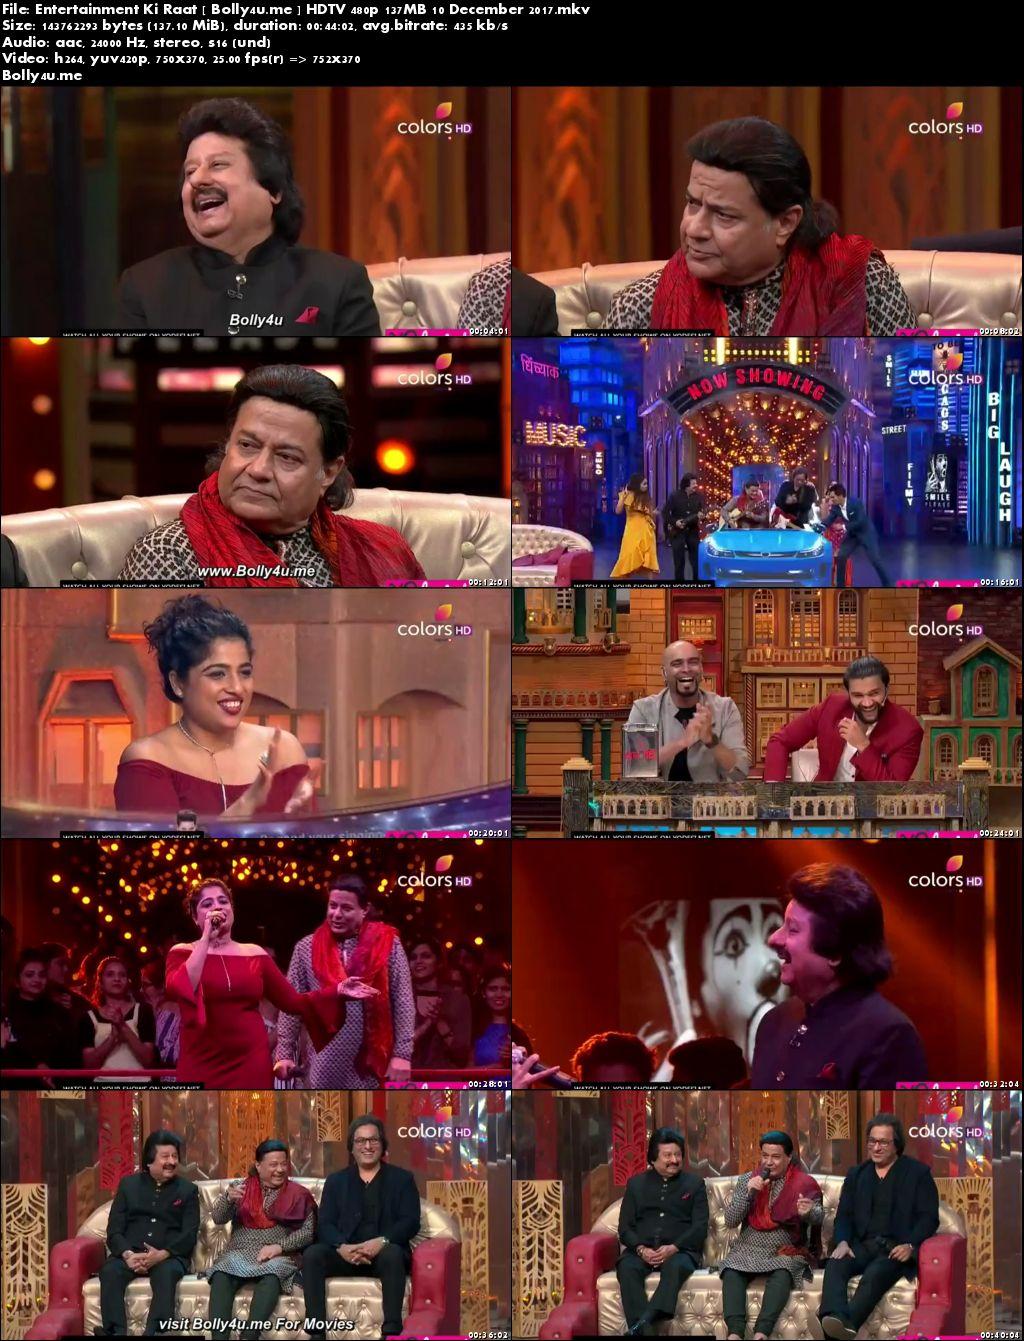 Entertainment Ki Raat HDTV 480p 130MB 10 Dec 2017 Download